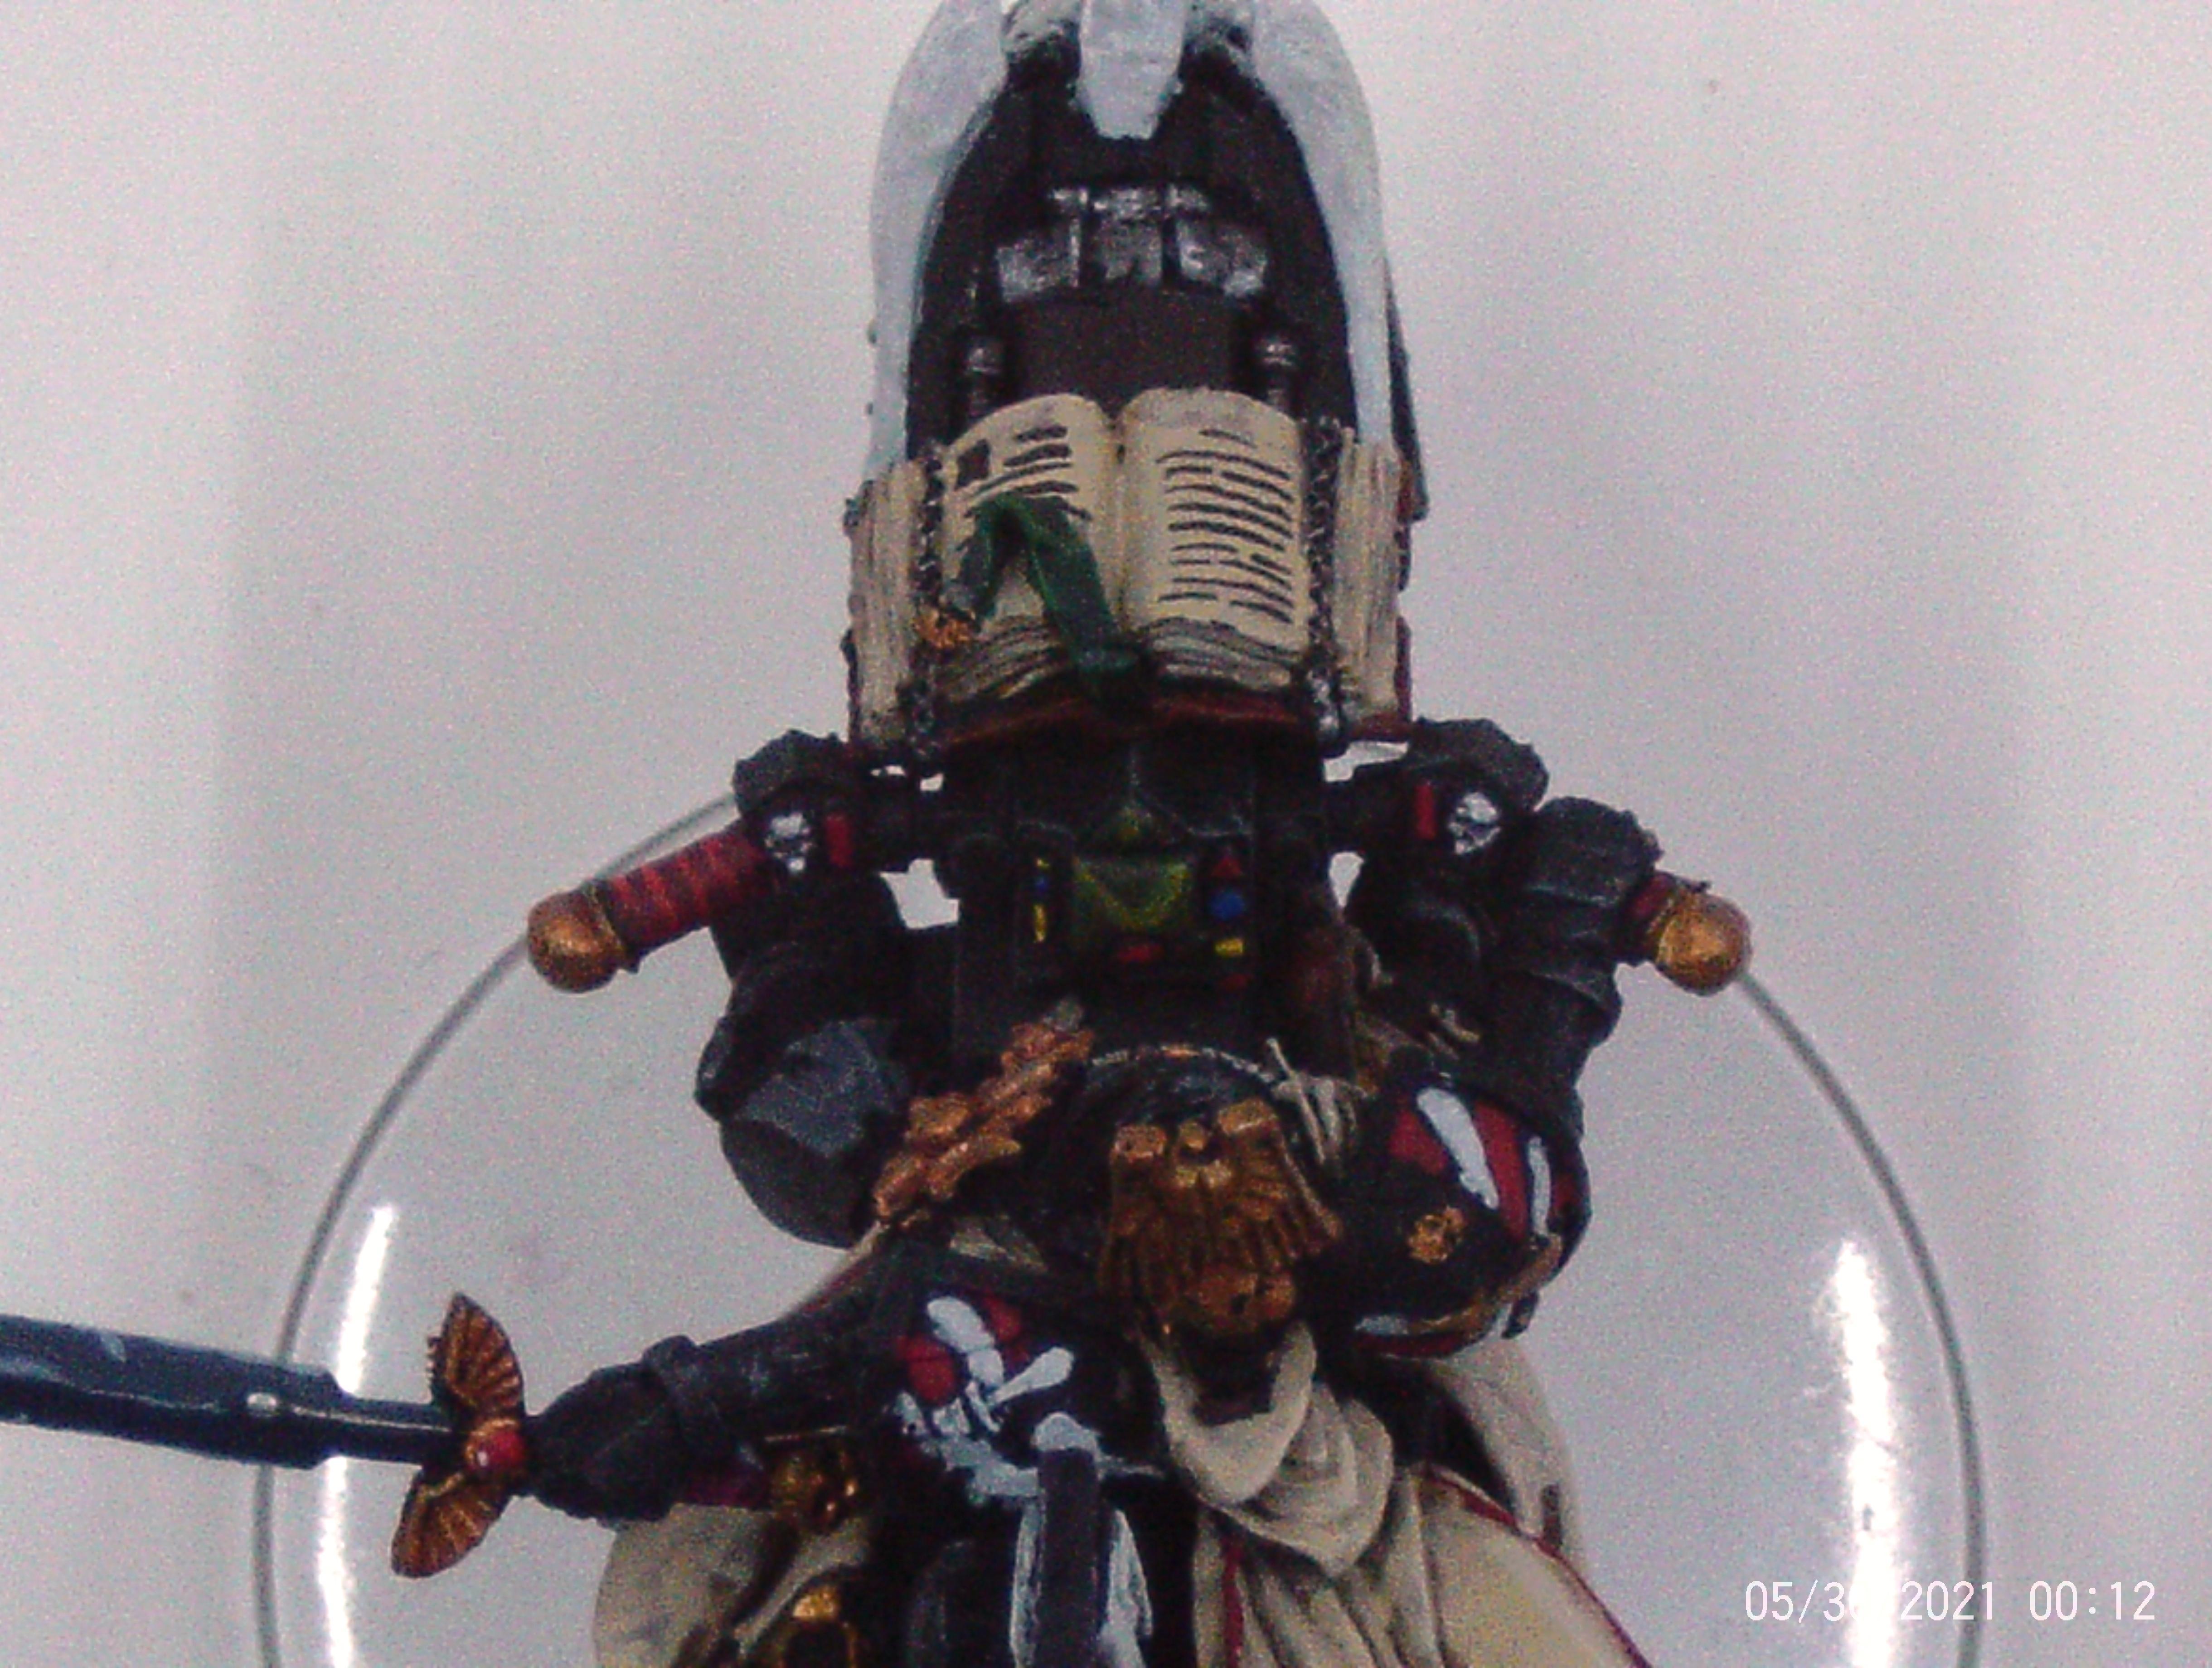 Angel, Bike, Captain, Dark, Jetbike, Master, Ravenwing, Sammael, Space, Space Marines